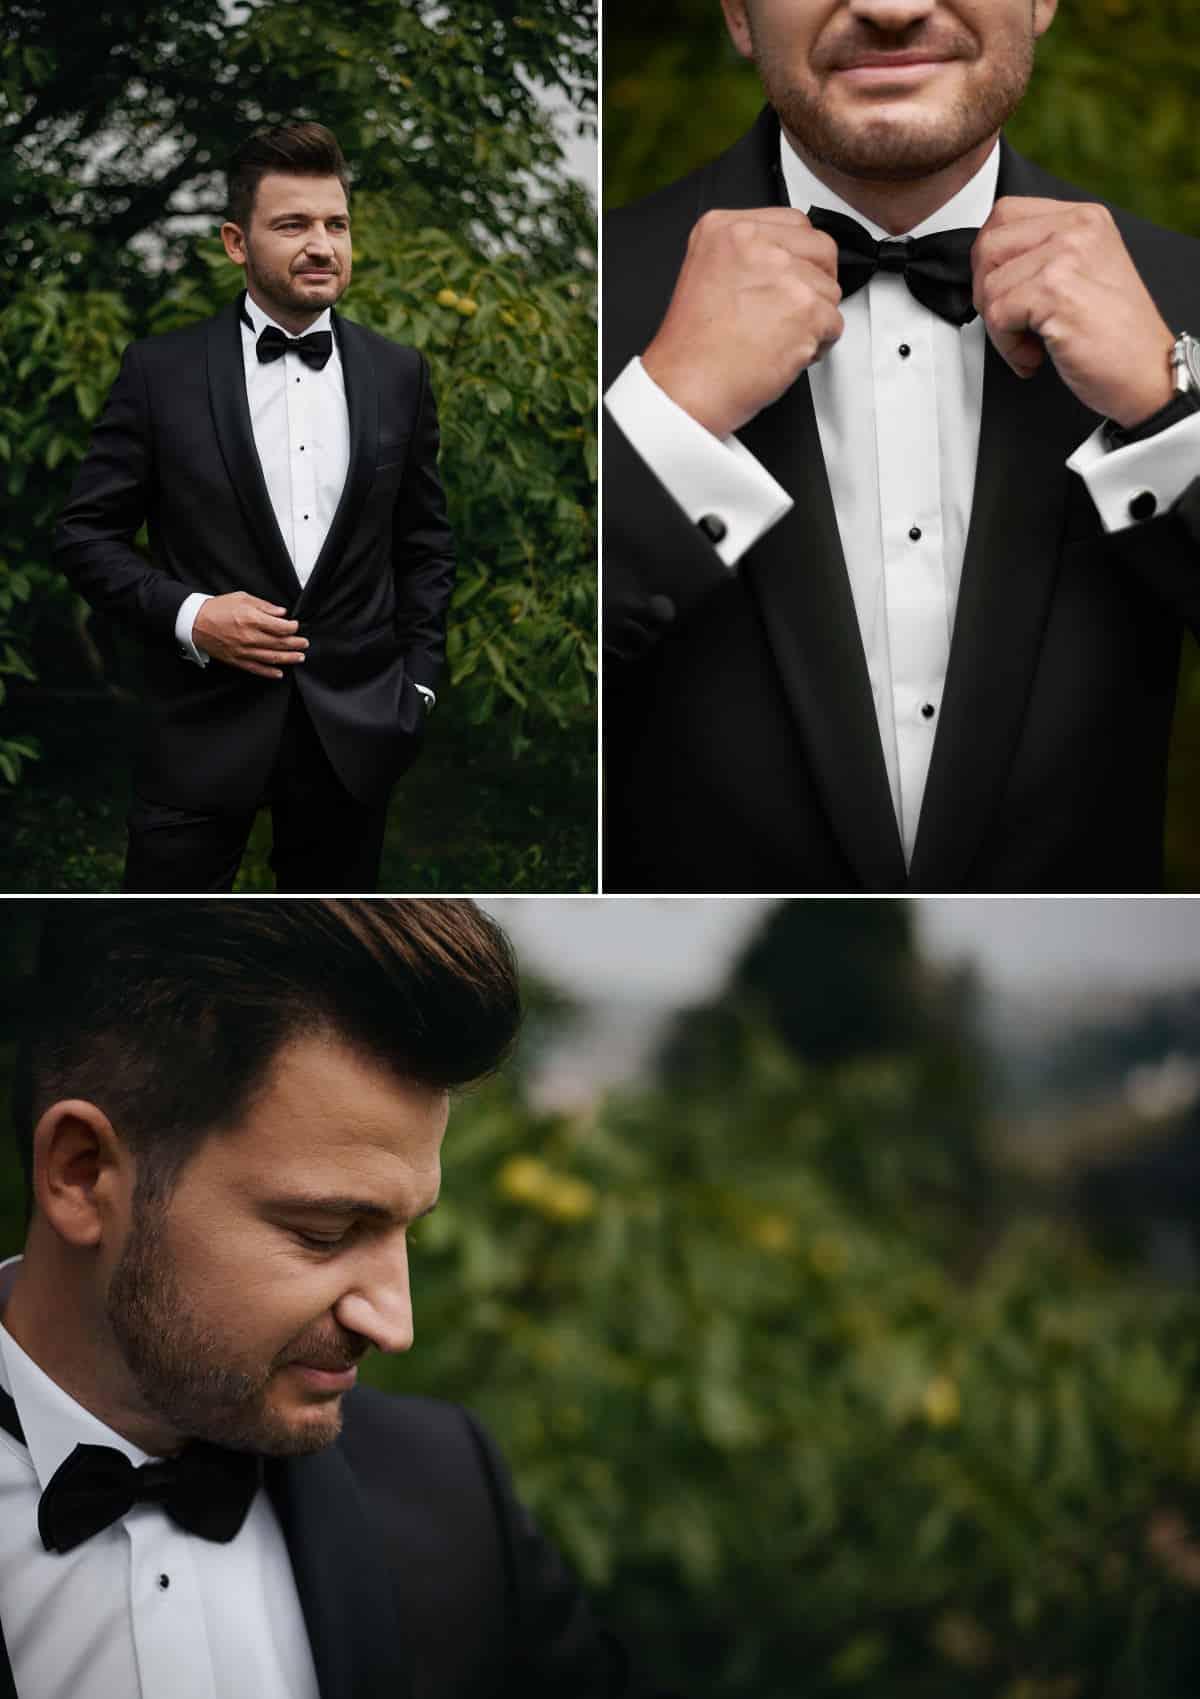 przyogotwania ślubne kraków fotograf